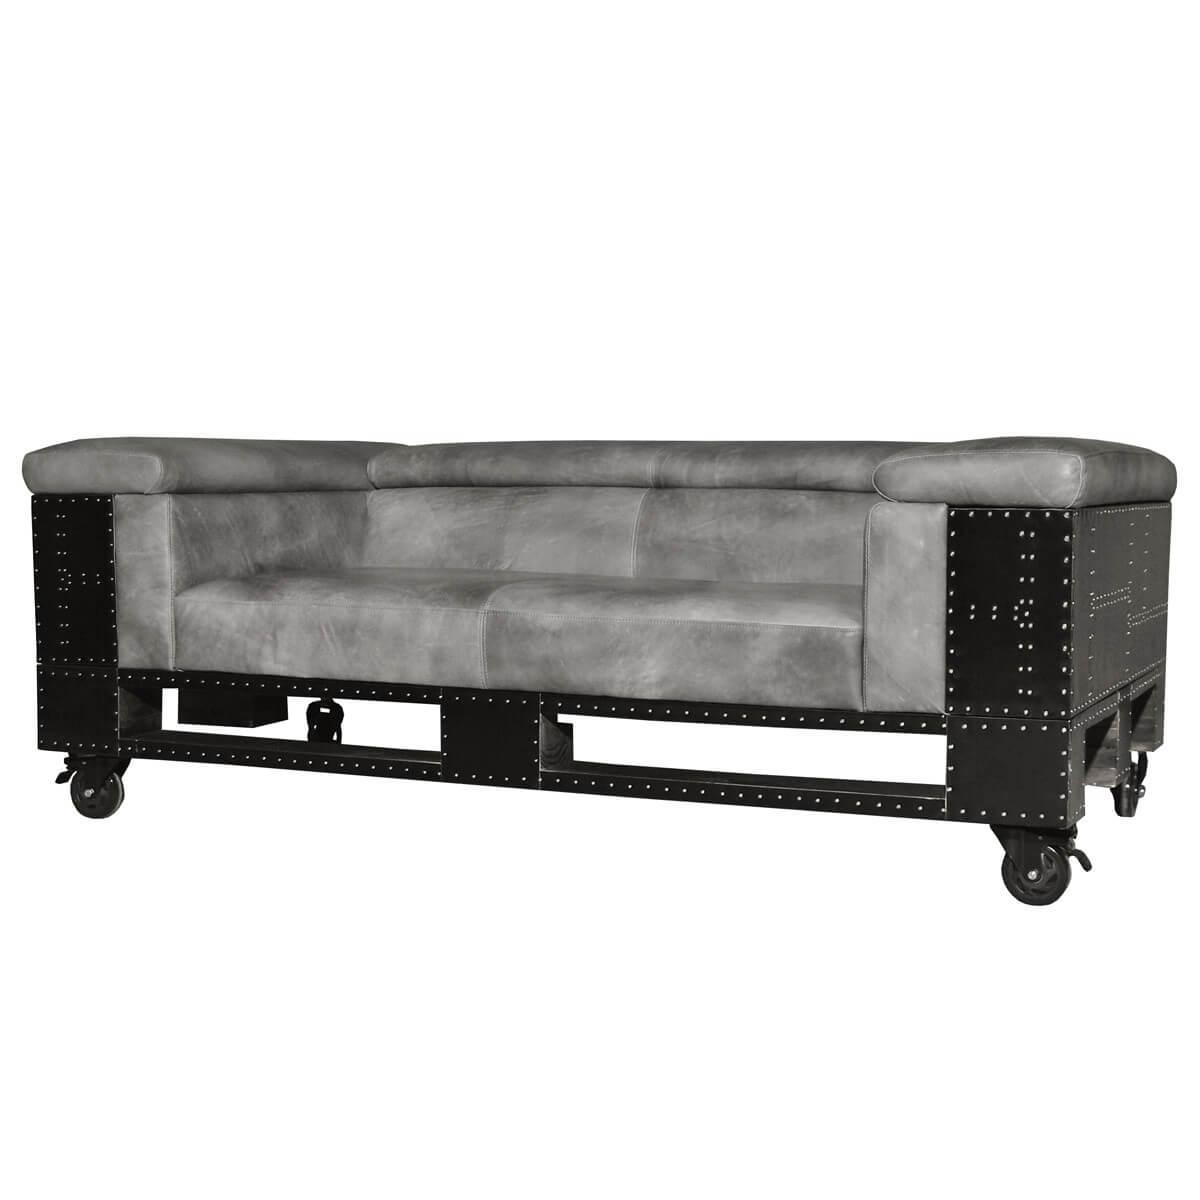 Design Sofa Couch Ledersofa 2 Sitzer Mit Rollen Schwarzblech Echtleder Neu Ebay